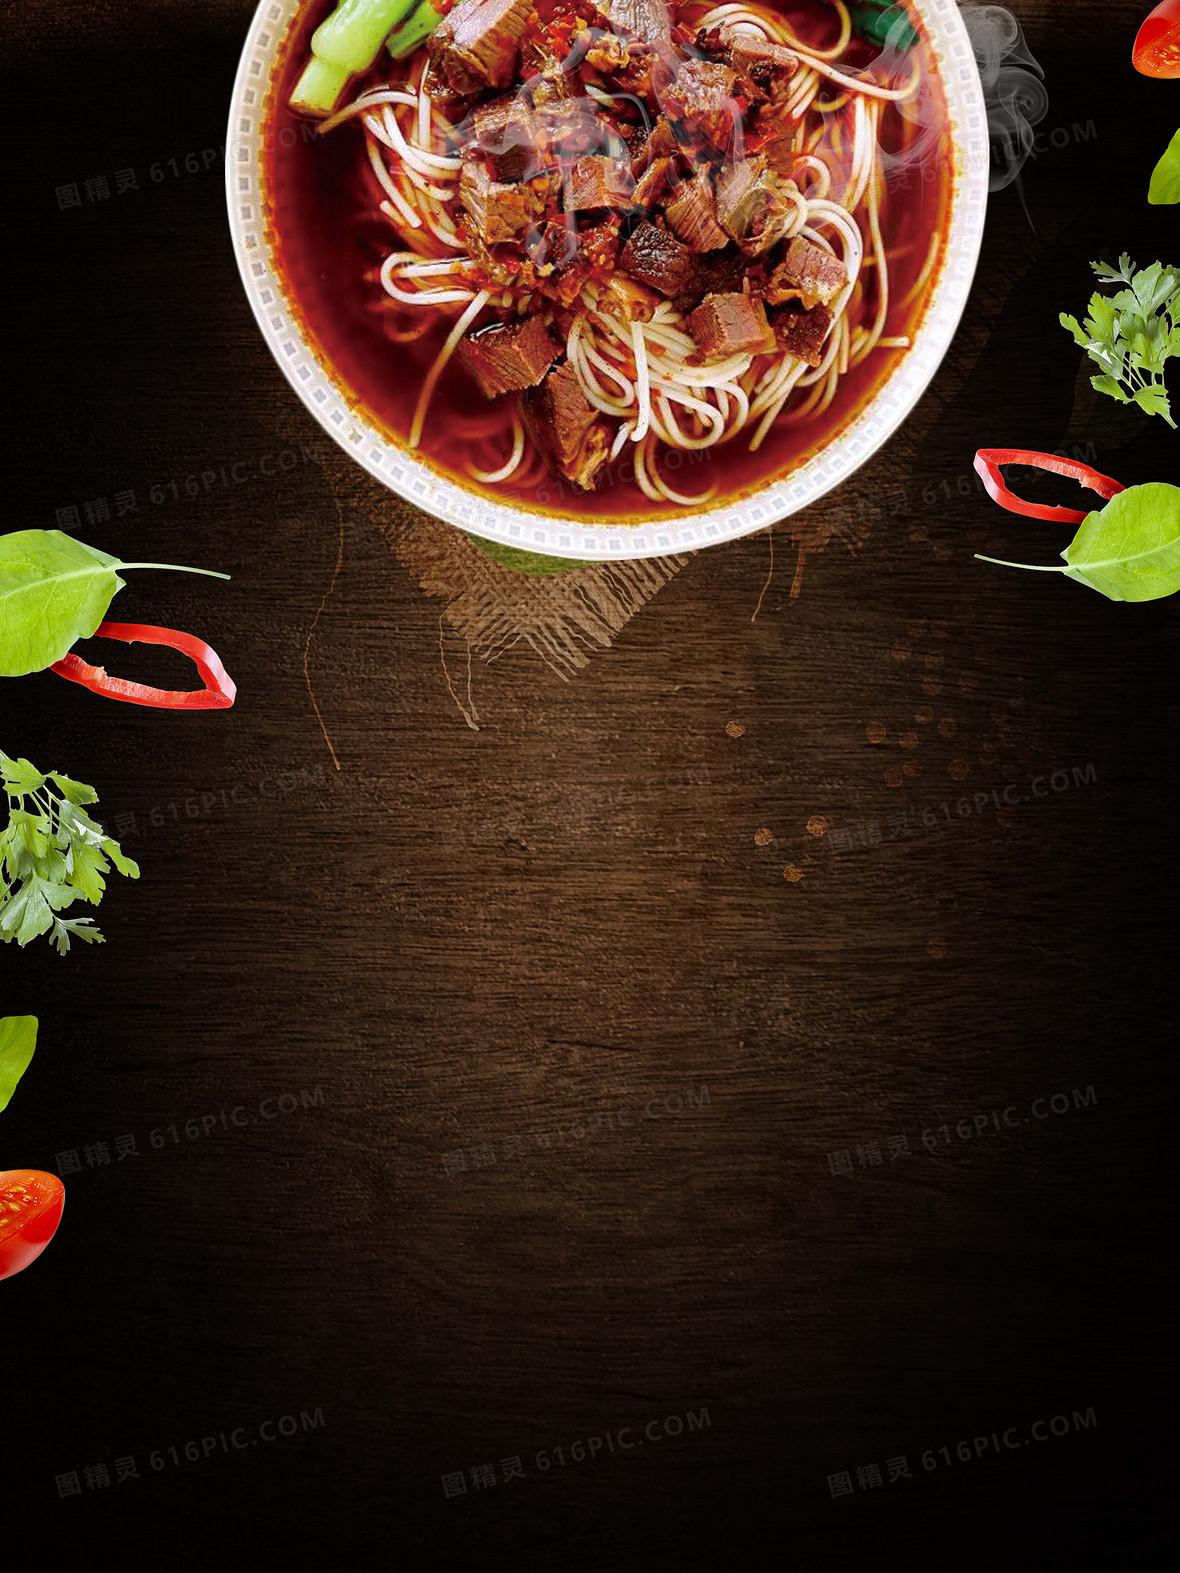 美味牛肉米线美食海报背景素材